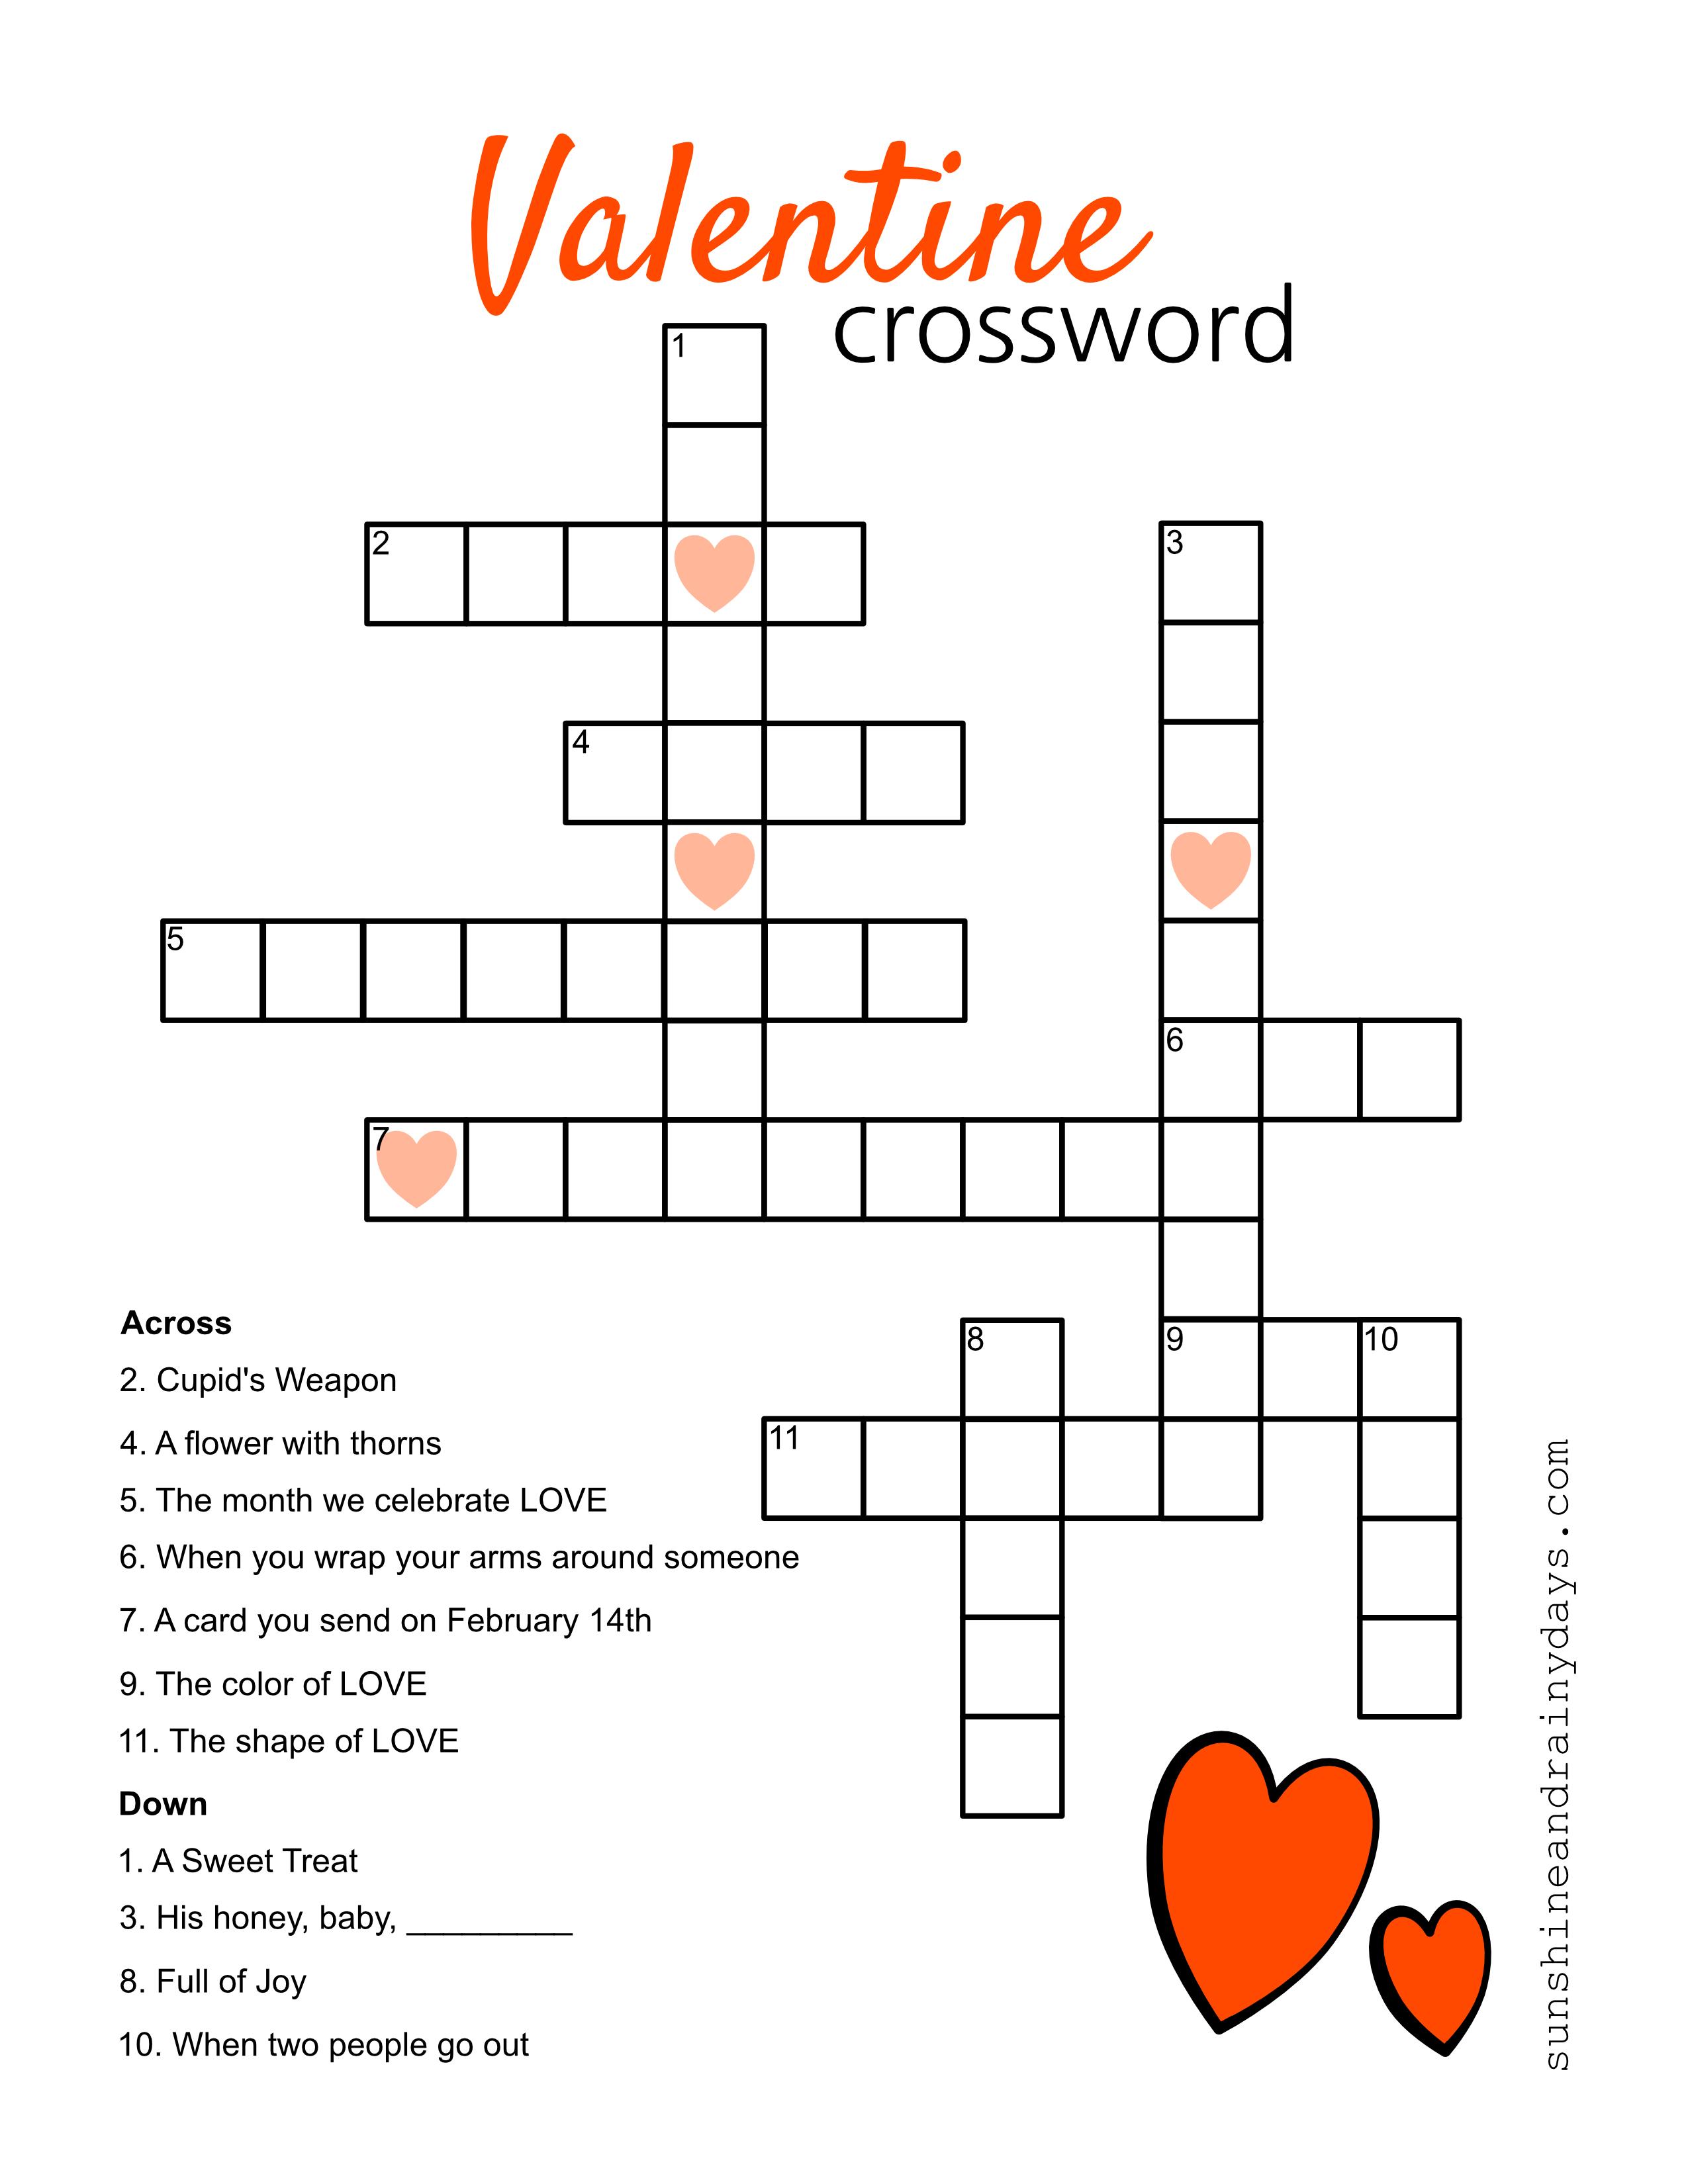 Valentine Crossword Puzzle - Sunshine And Rainy Days - Printable Valentines Crossword